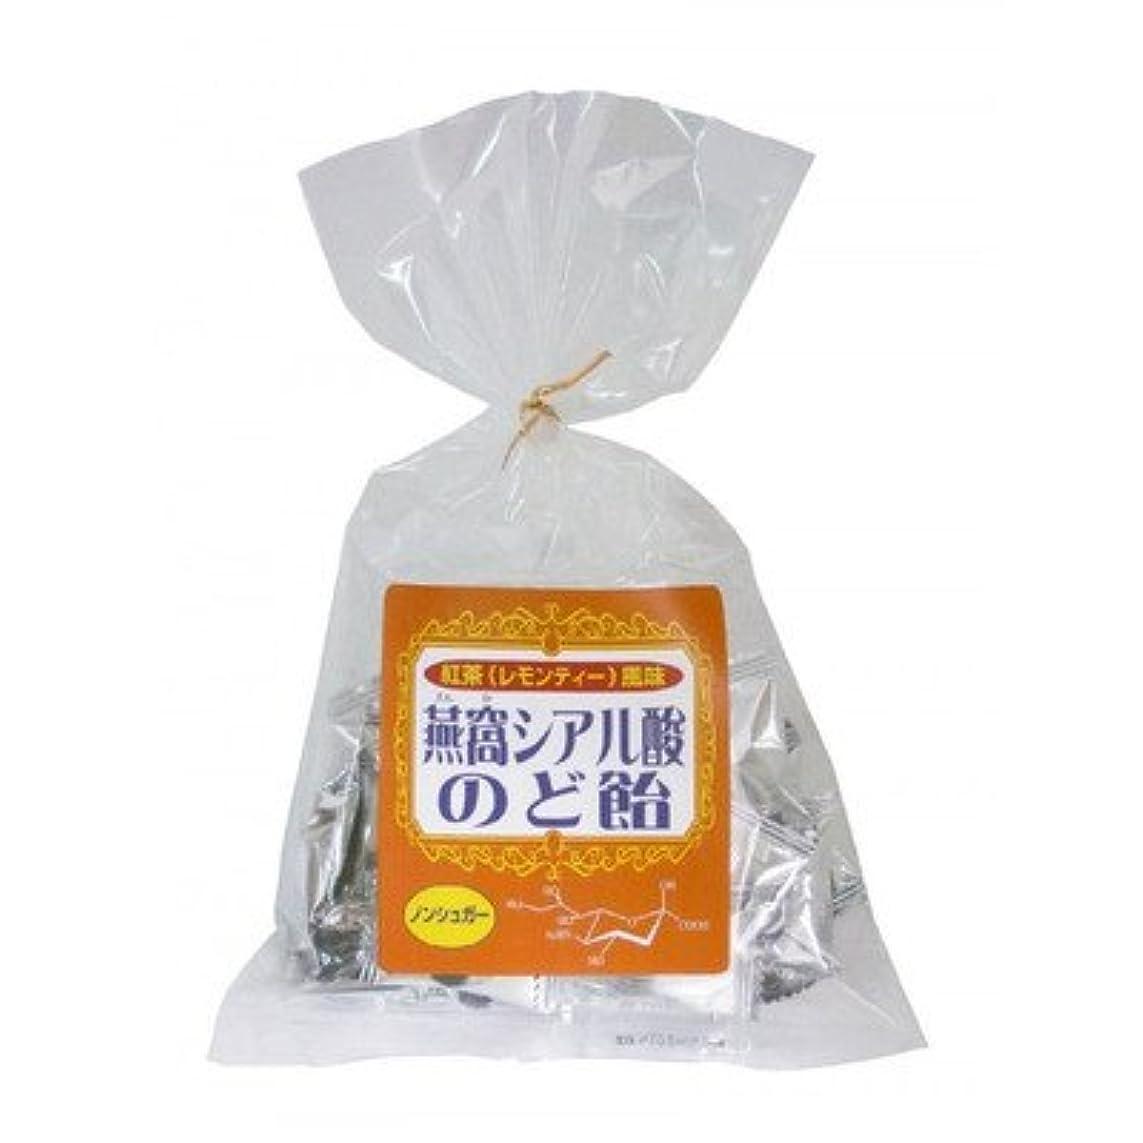 天気連続した神経衰弱燕窩シアル酸のど飴ノンシュガー 紅茶(レモンティー)風味 87g×3袋